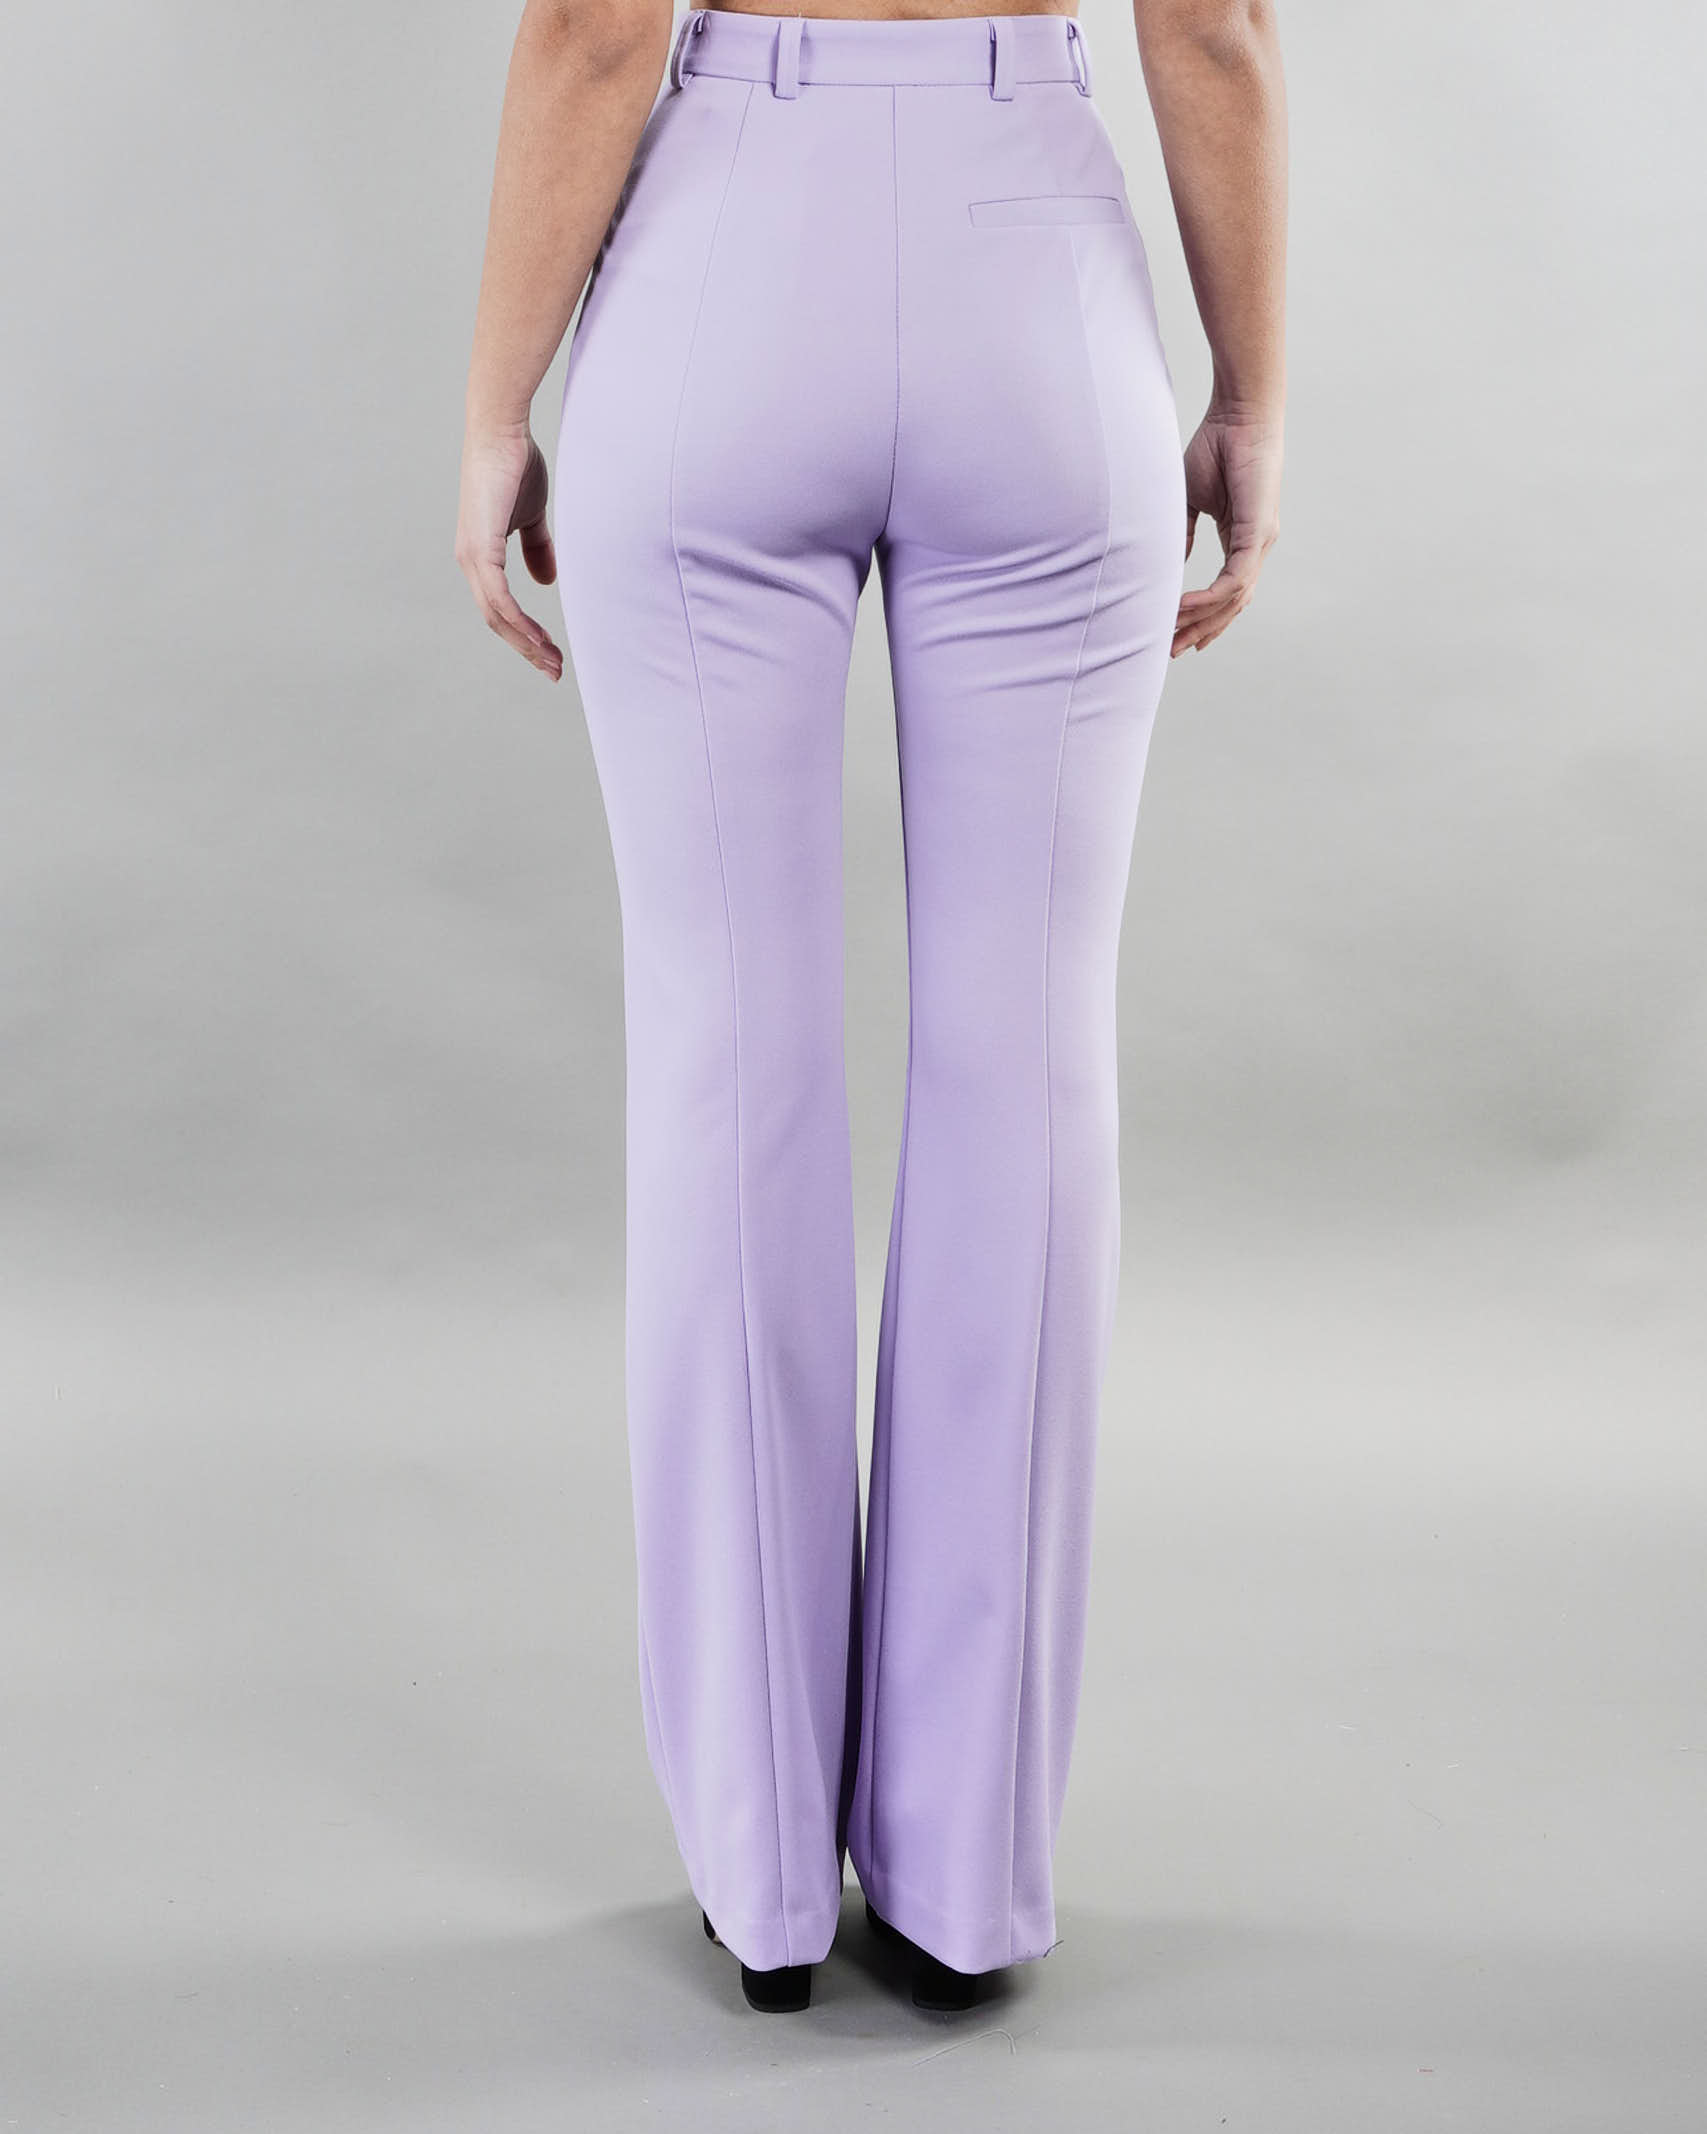 Pantalone monocolor con fondo svasato Imperial IMPERIAL | Pantalone | PD2PBBKLILLA